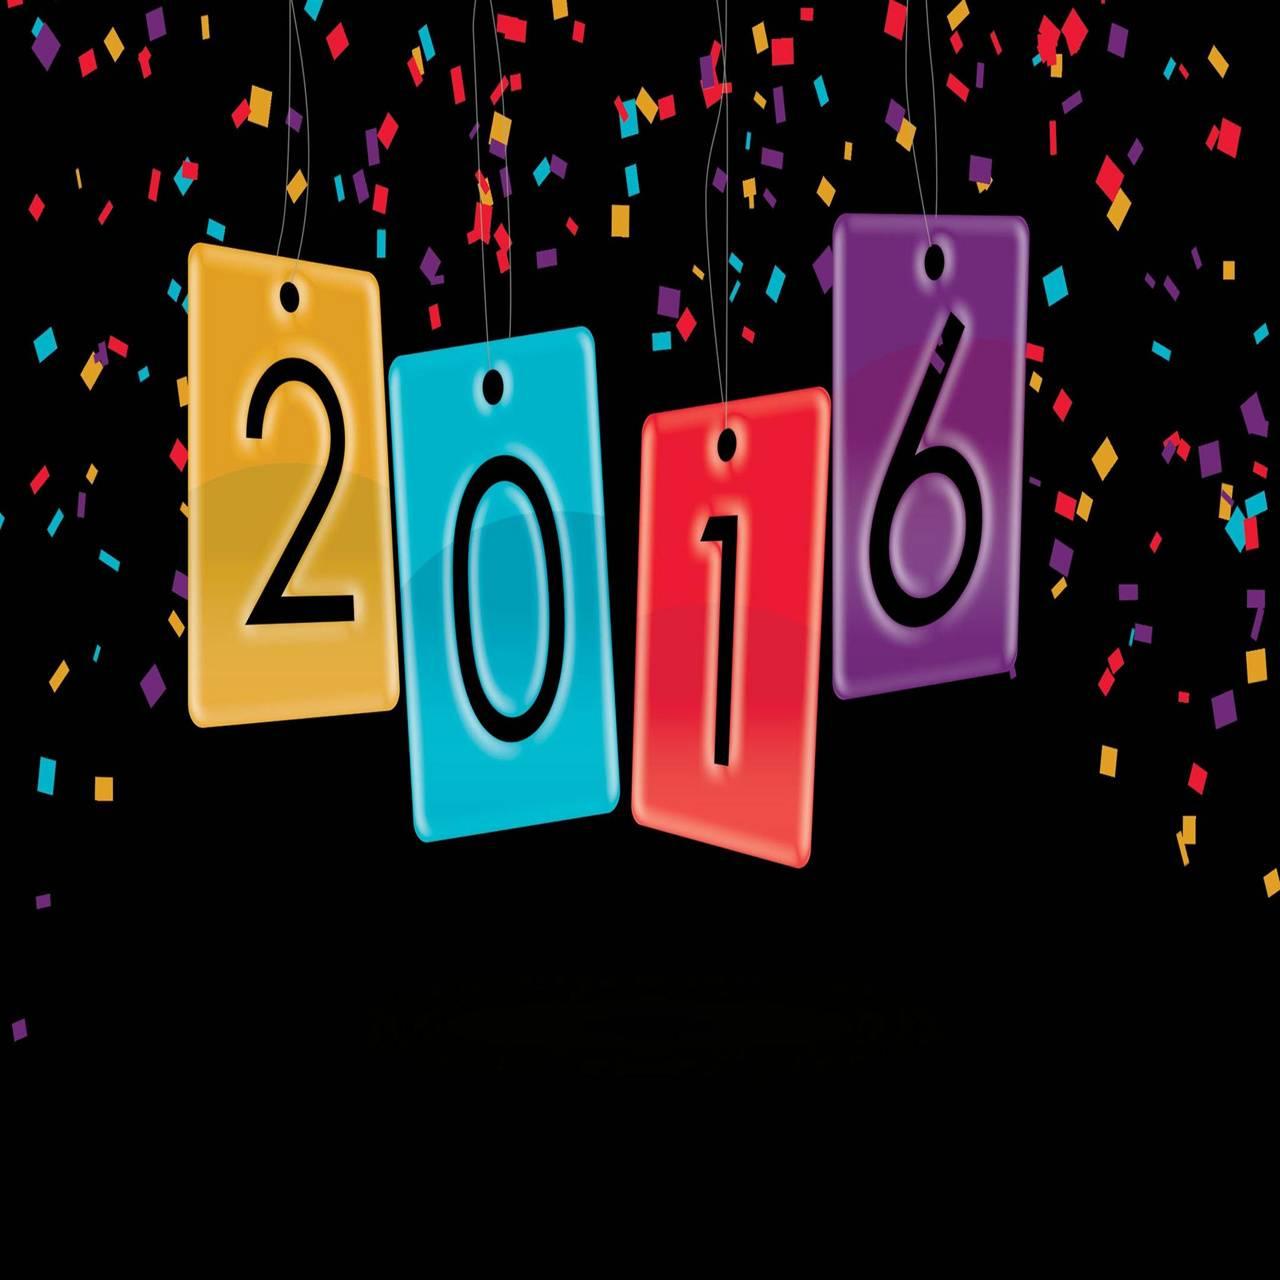 2016 under confetti